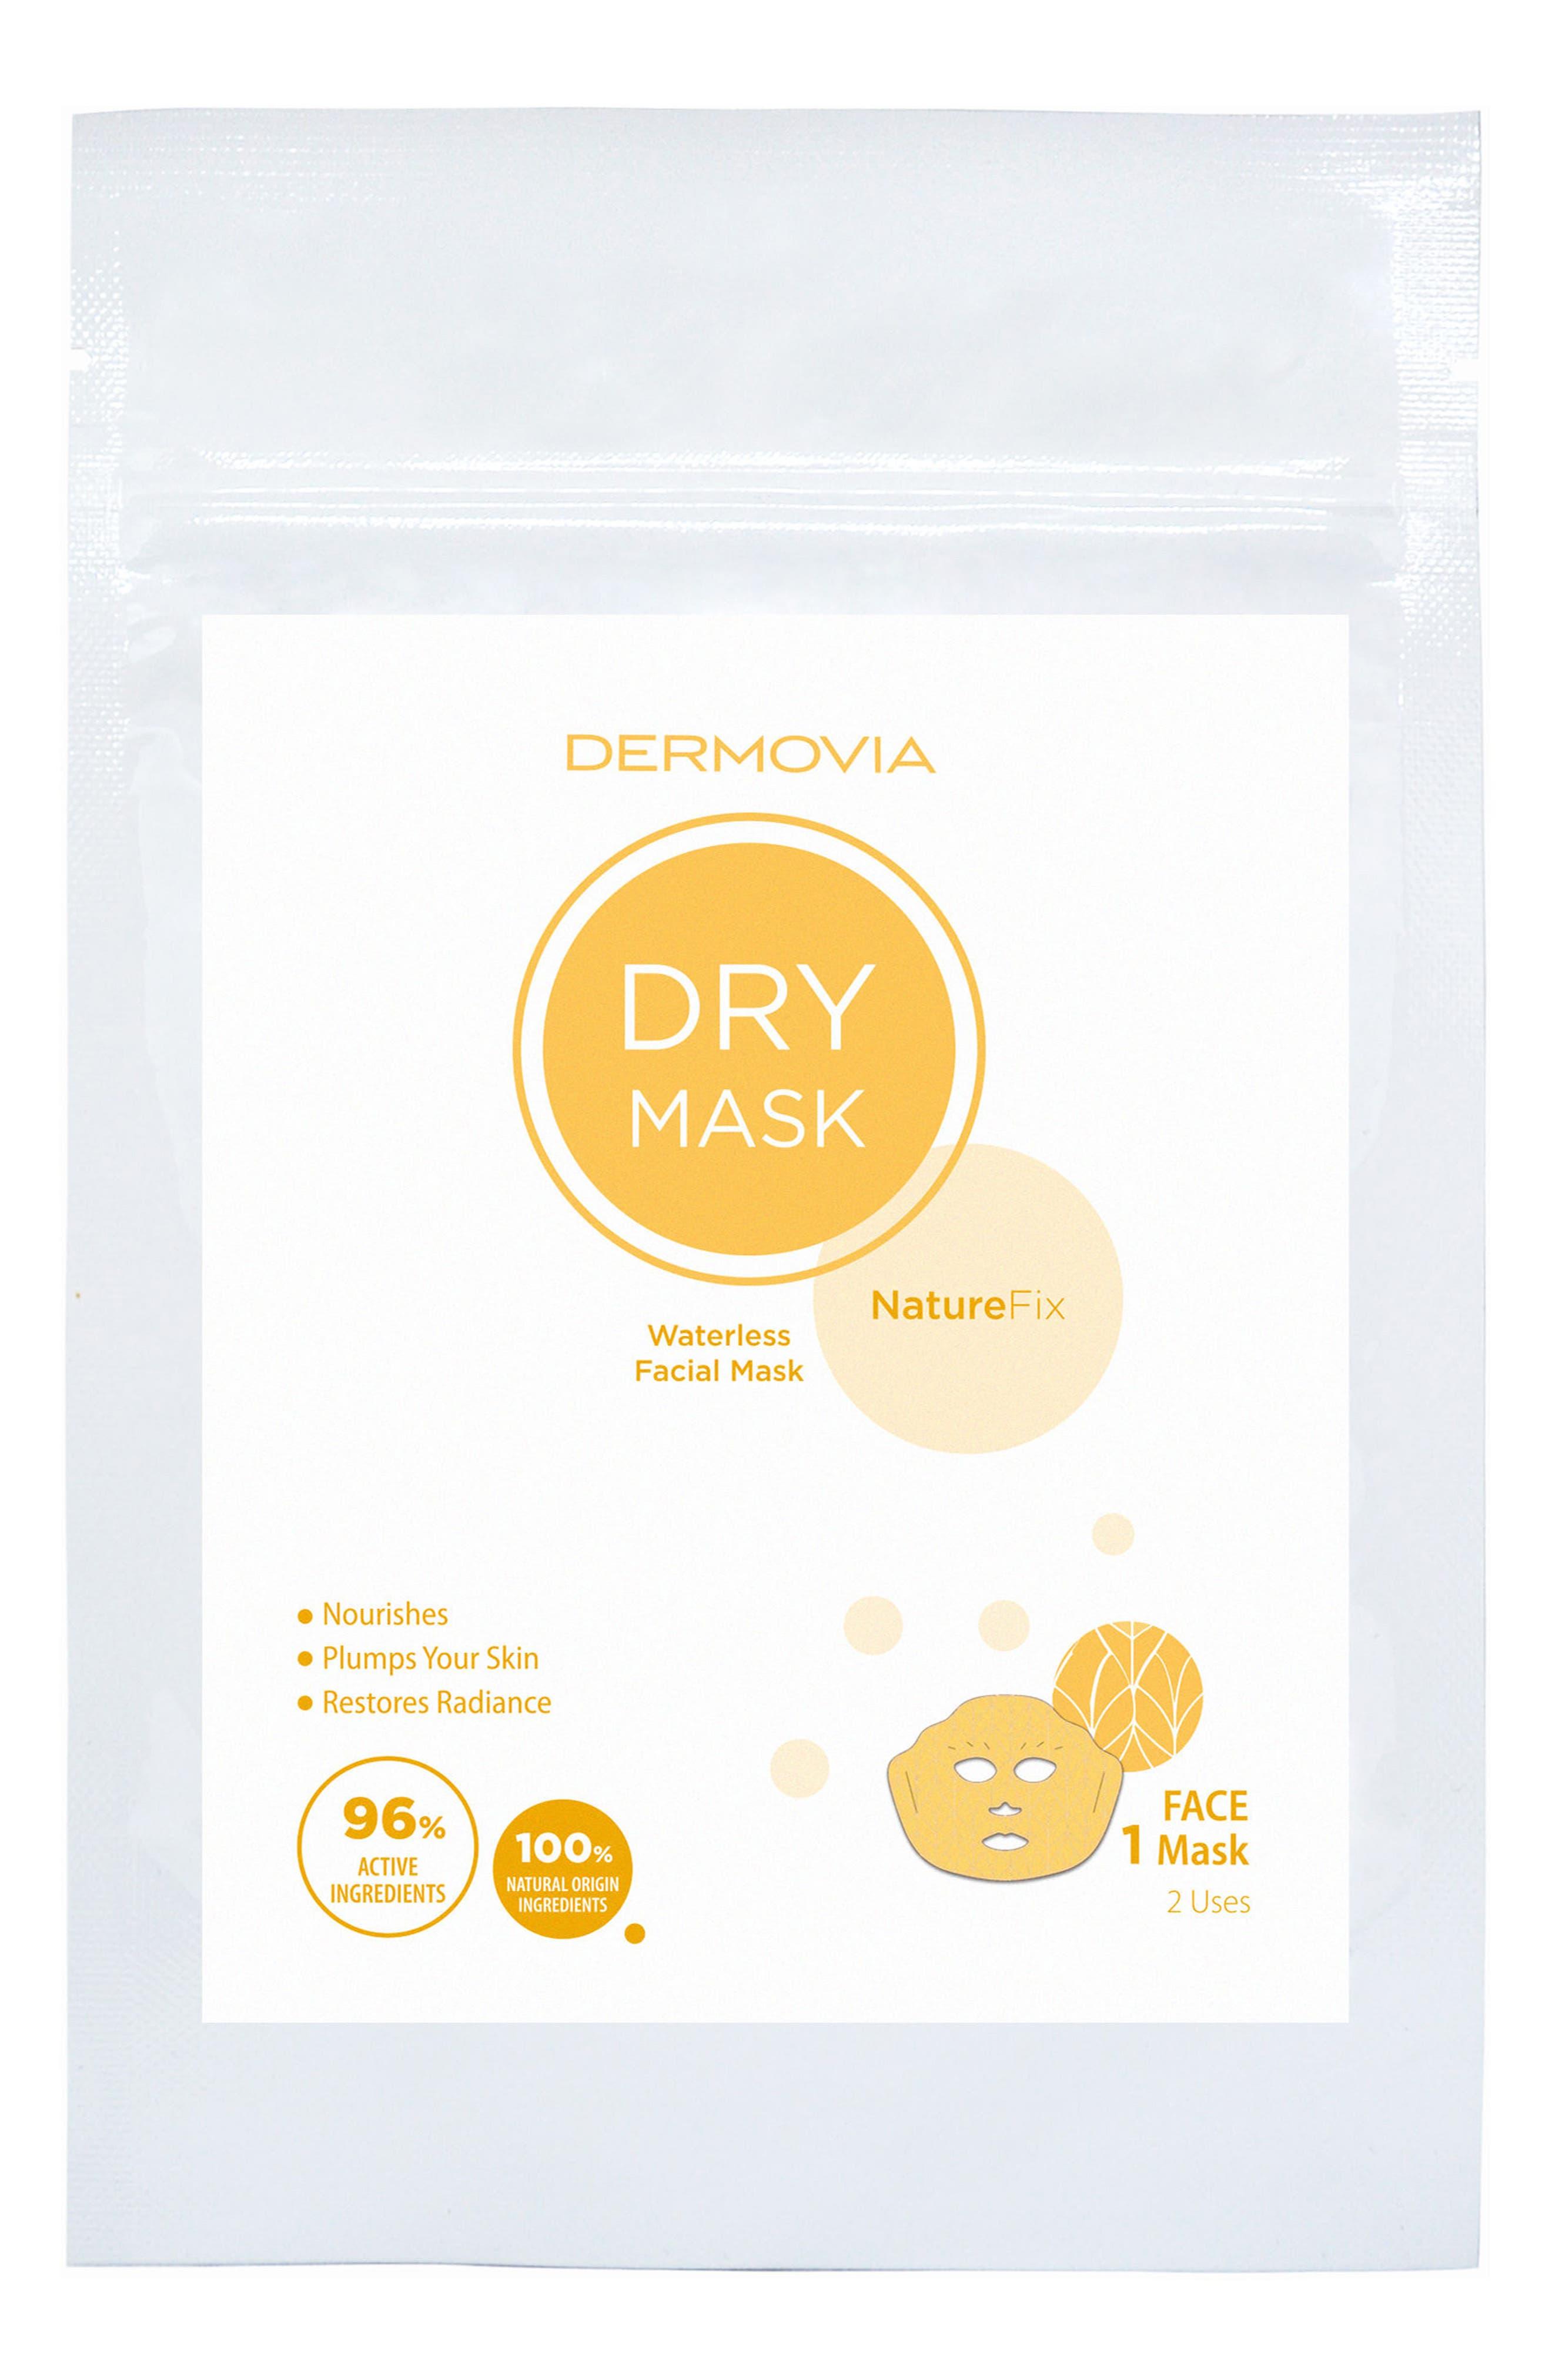 DRY Mask NatureFix Waterless Facial Mask,                             Main thumbnail 1, color,                             NO COLOR